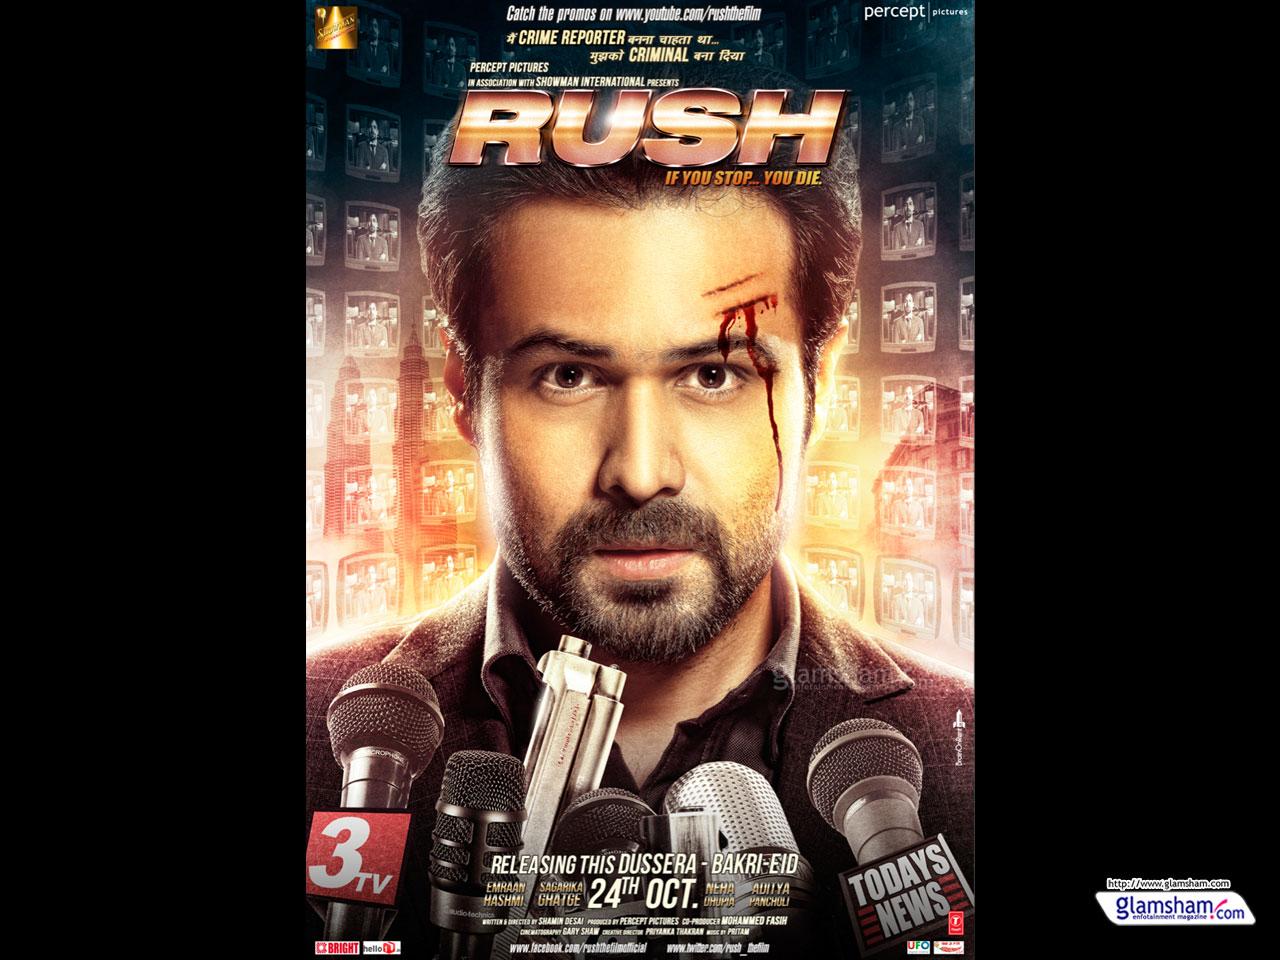 rush movie wallpaper - photo #32